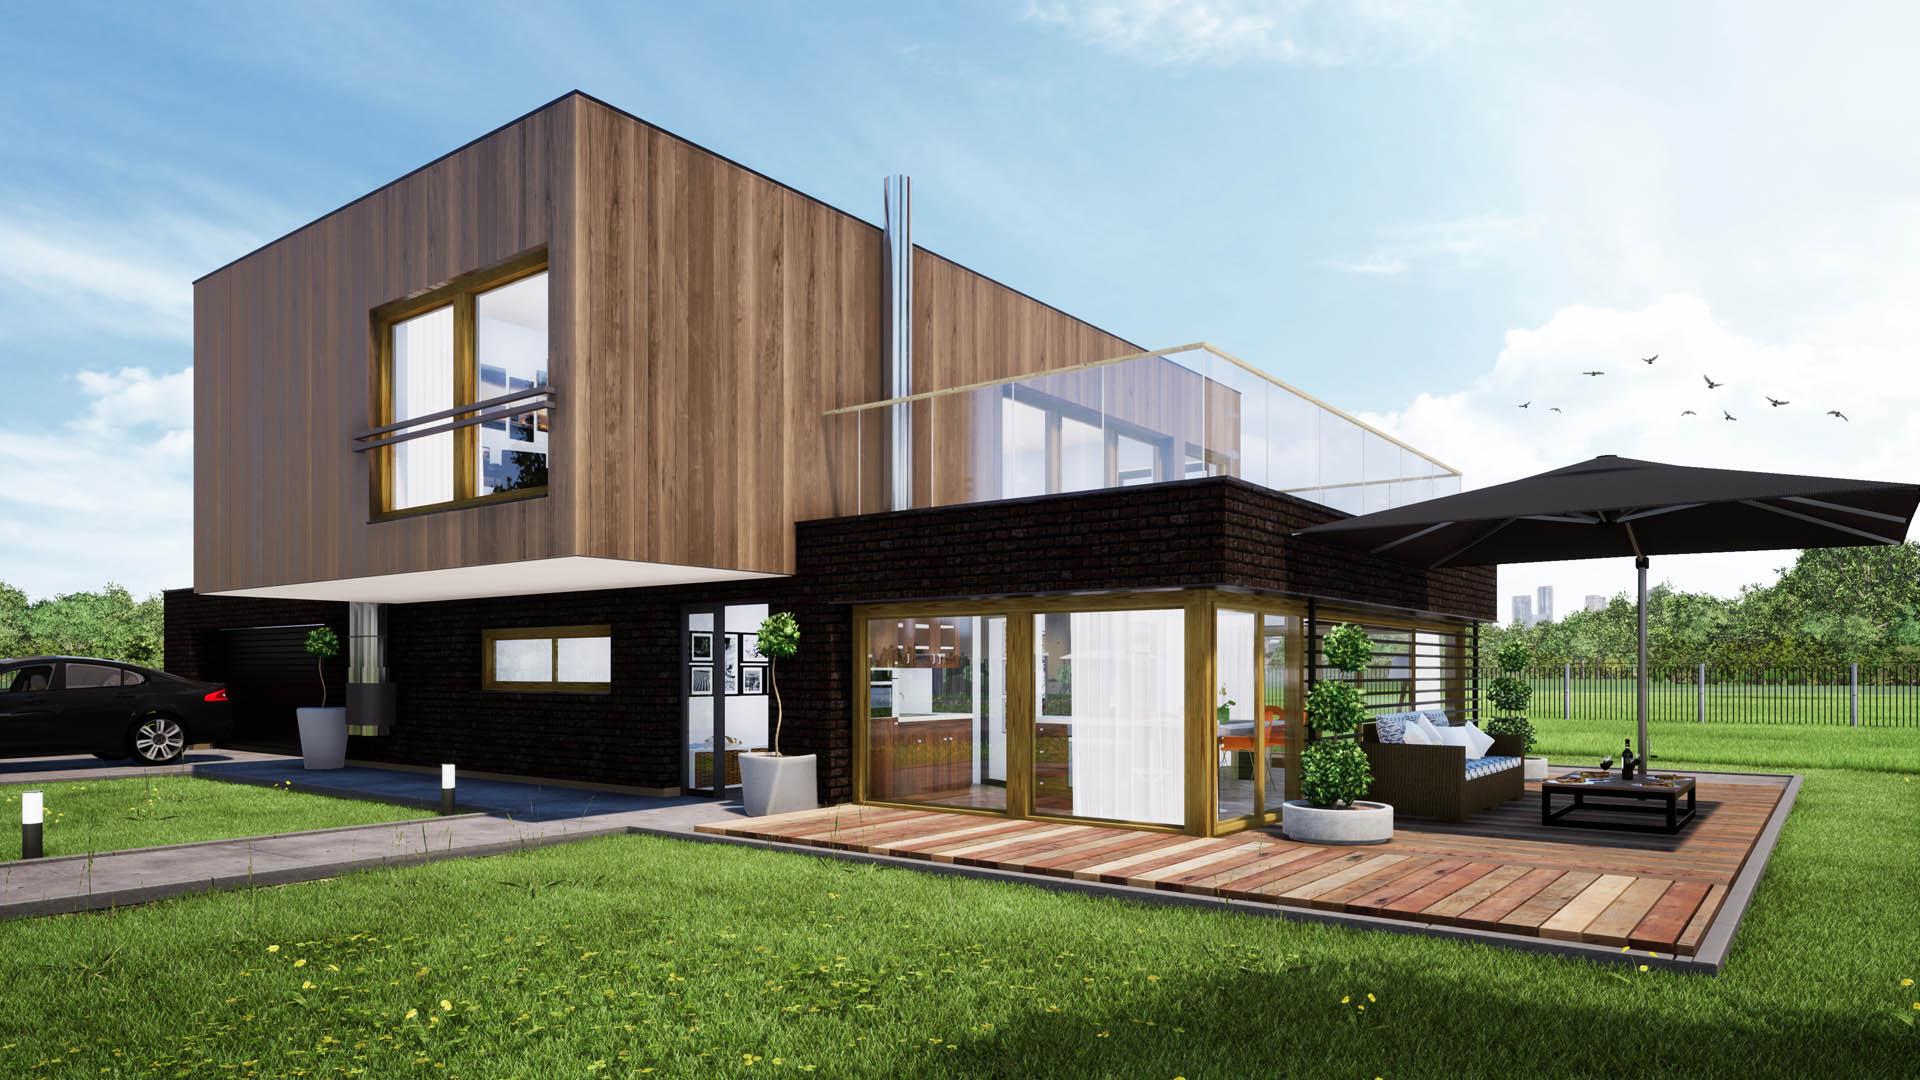 Dom w Poznaniu projekt